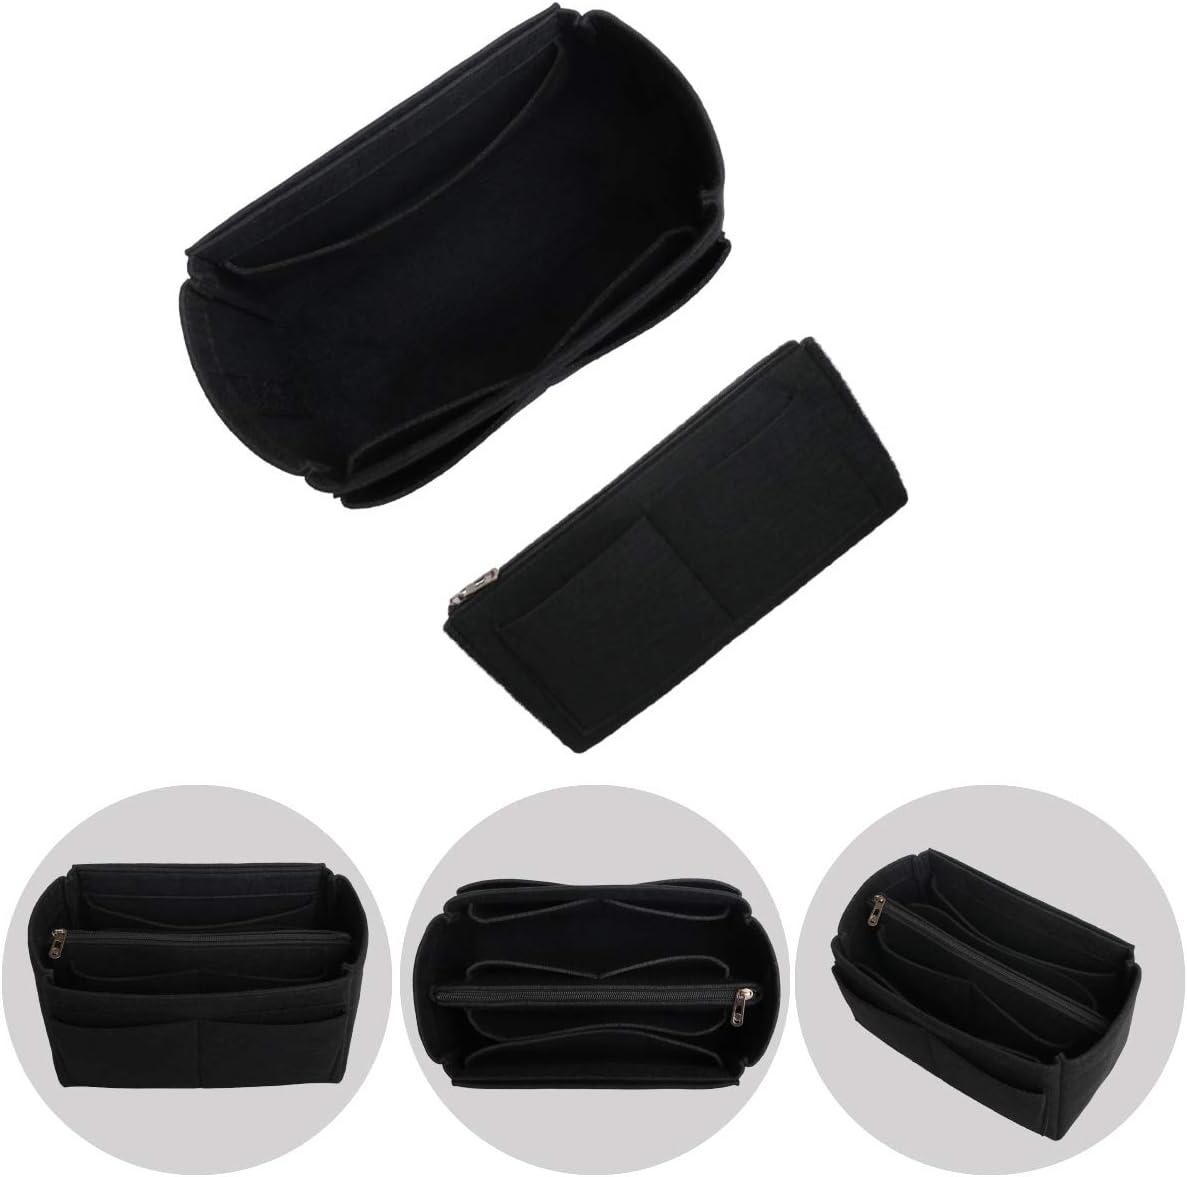 Noir organiseur de salle de bain avec poche int/érieure zipp/ée Noir - chil-mothbag//black11-M-1 fermeture /éclair Shingone Sac de rangement pour sac /à main et sac /à main /étanche